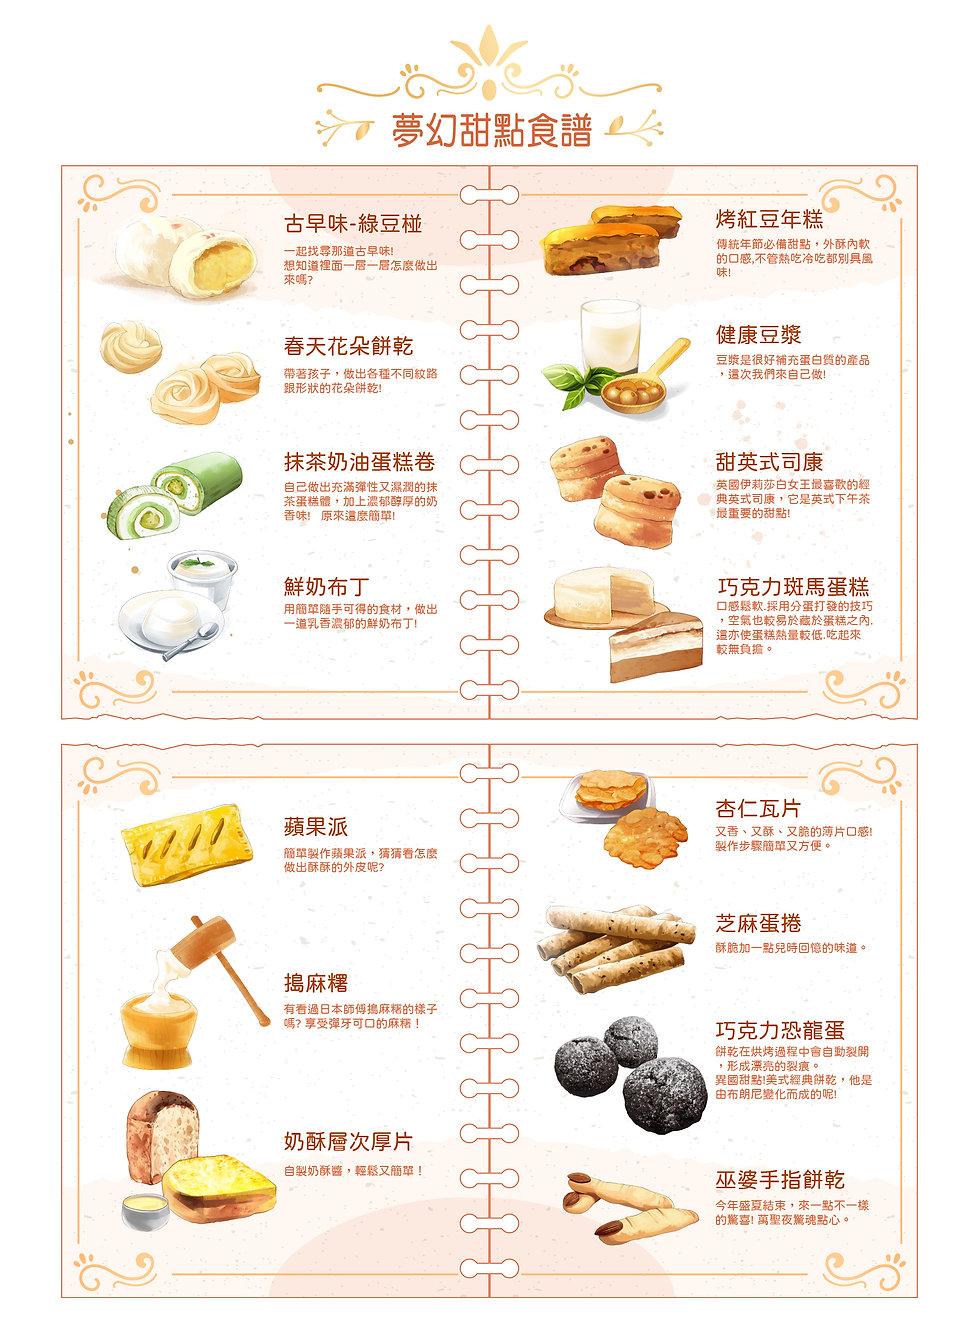 夢幻甜點王國_甜點圖.jpg